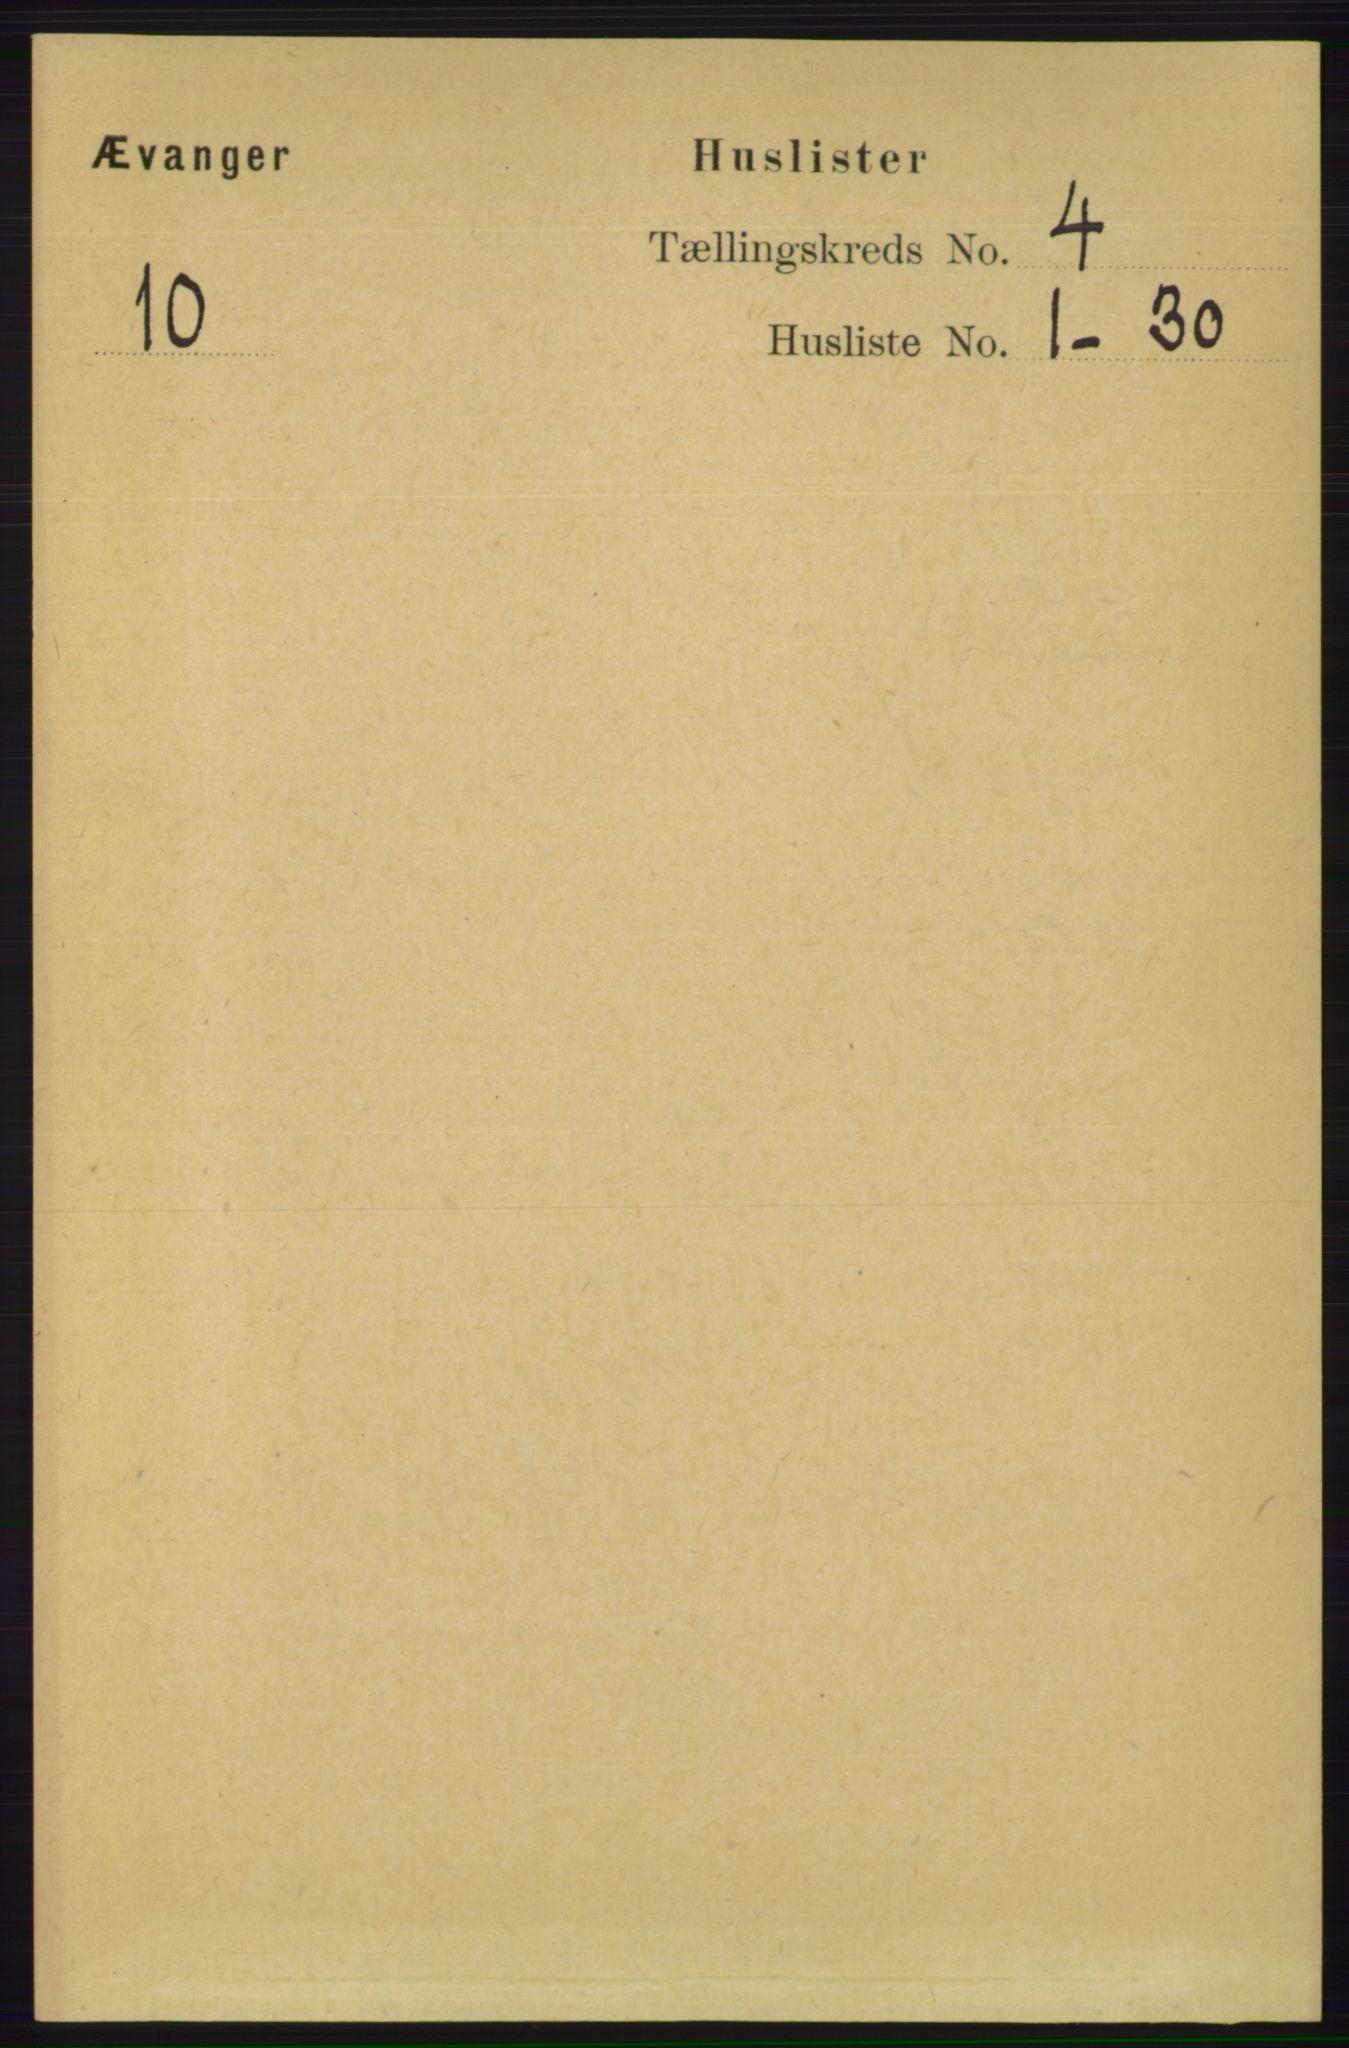 RA, Folketelling 1891 for 1237 Evanger herred, 1891, s. 1106